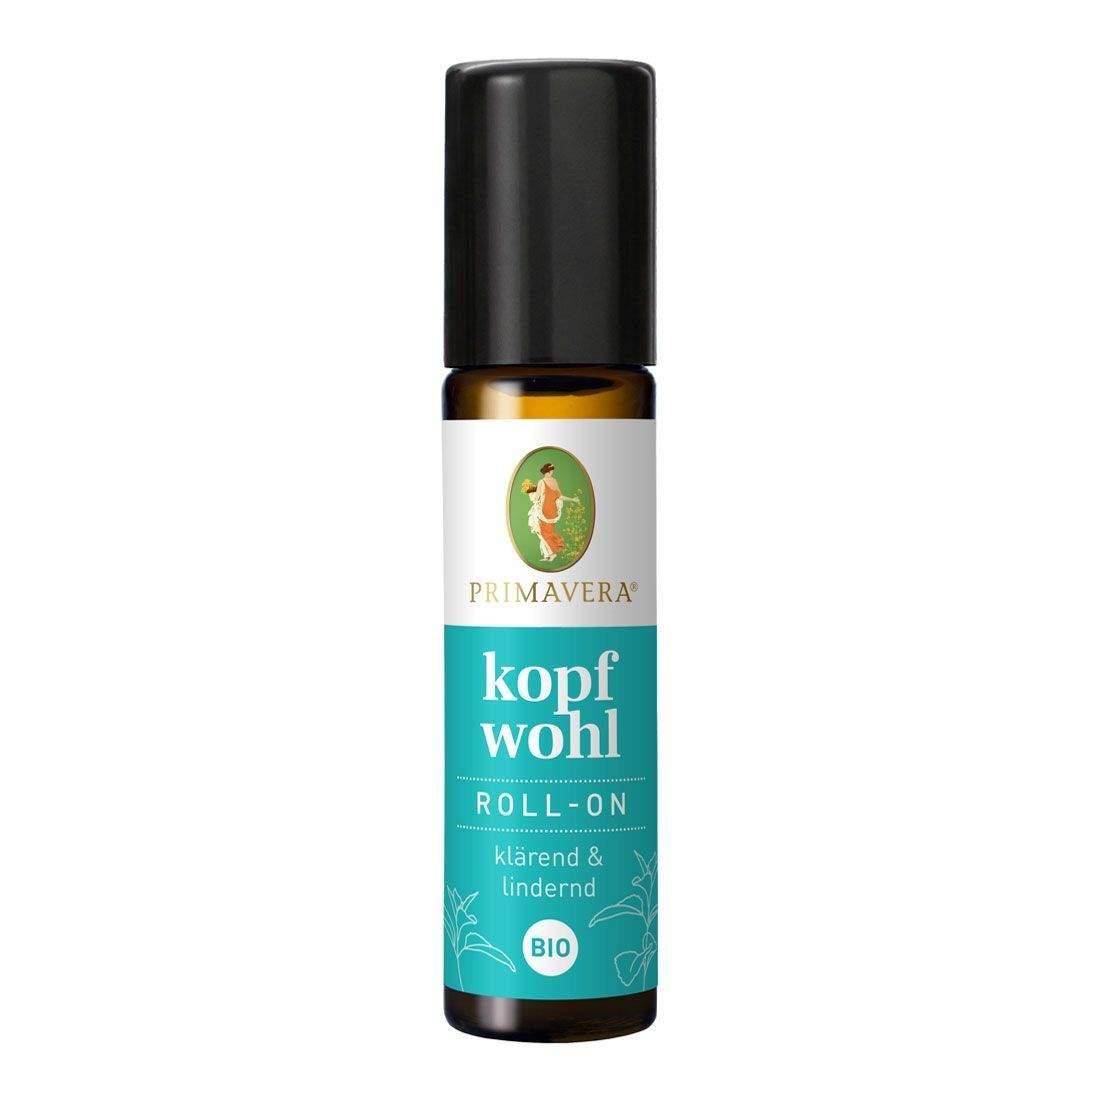 kopfwohl roll on bio